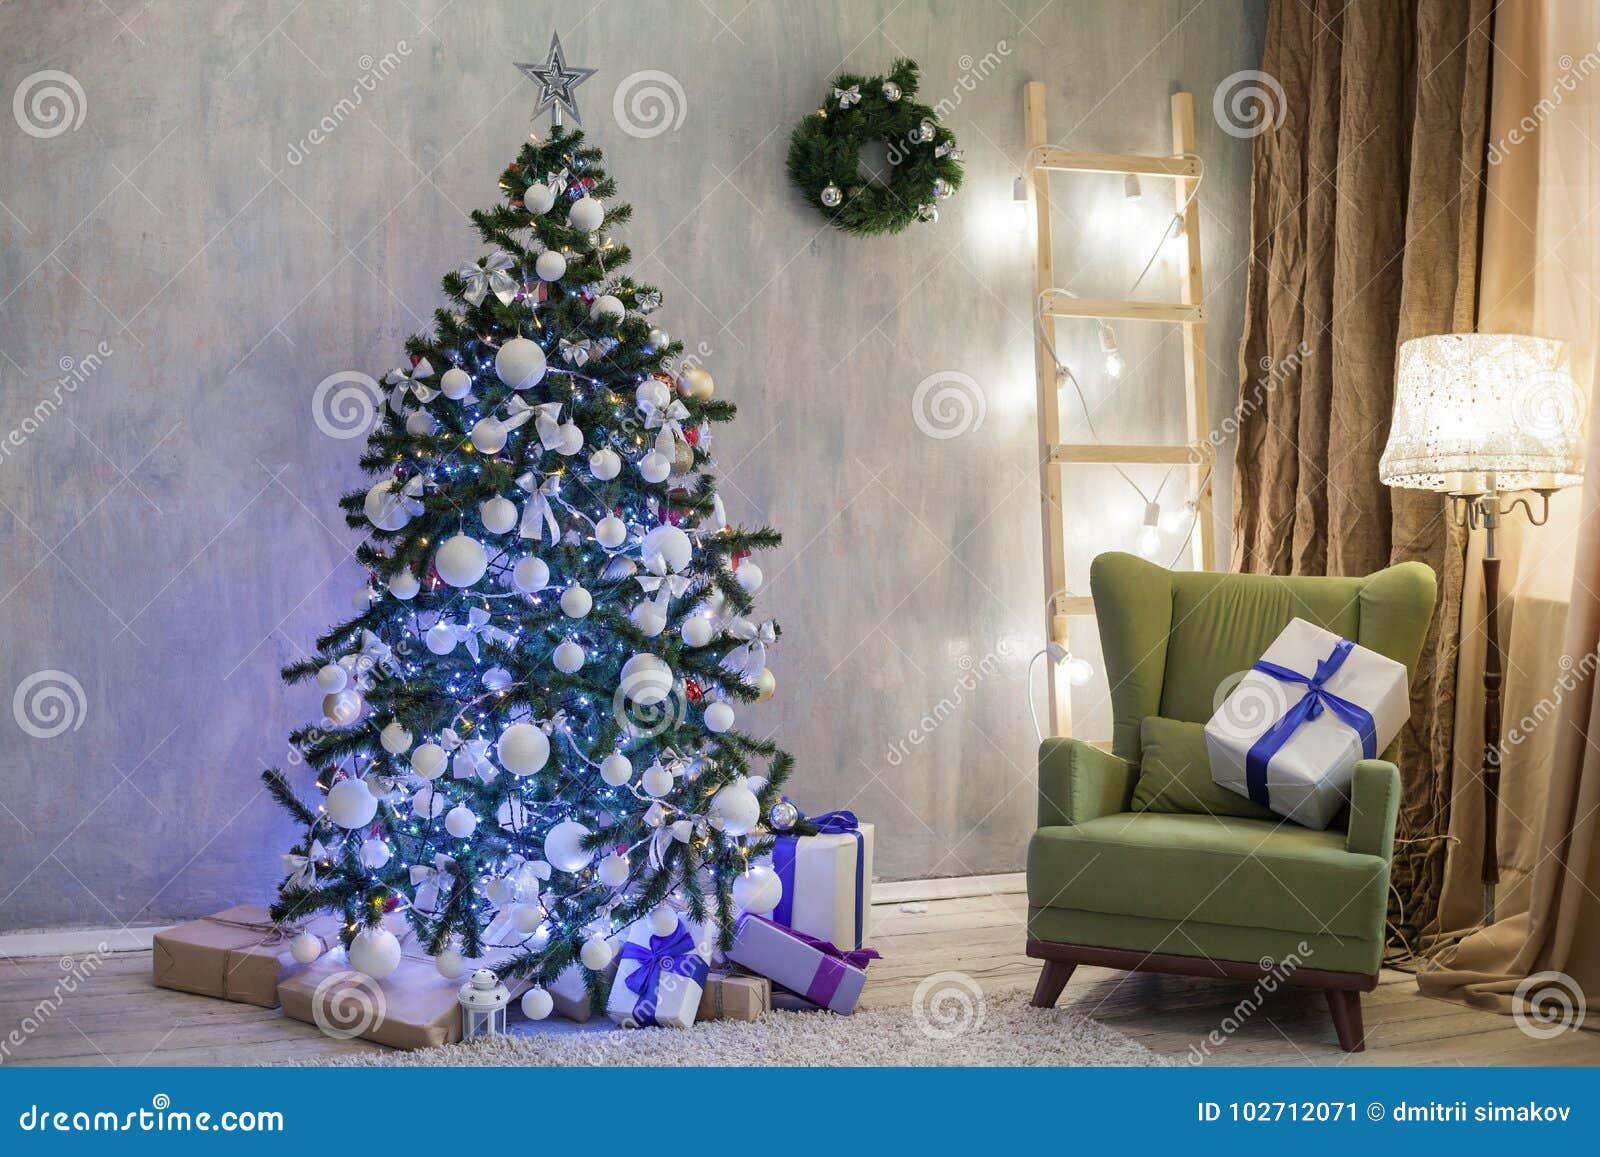 Διακοπές Χριστουγέννων με τα δώρα ντεκόρ χριστουγεννιάτικων δέντρων